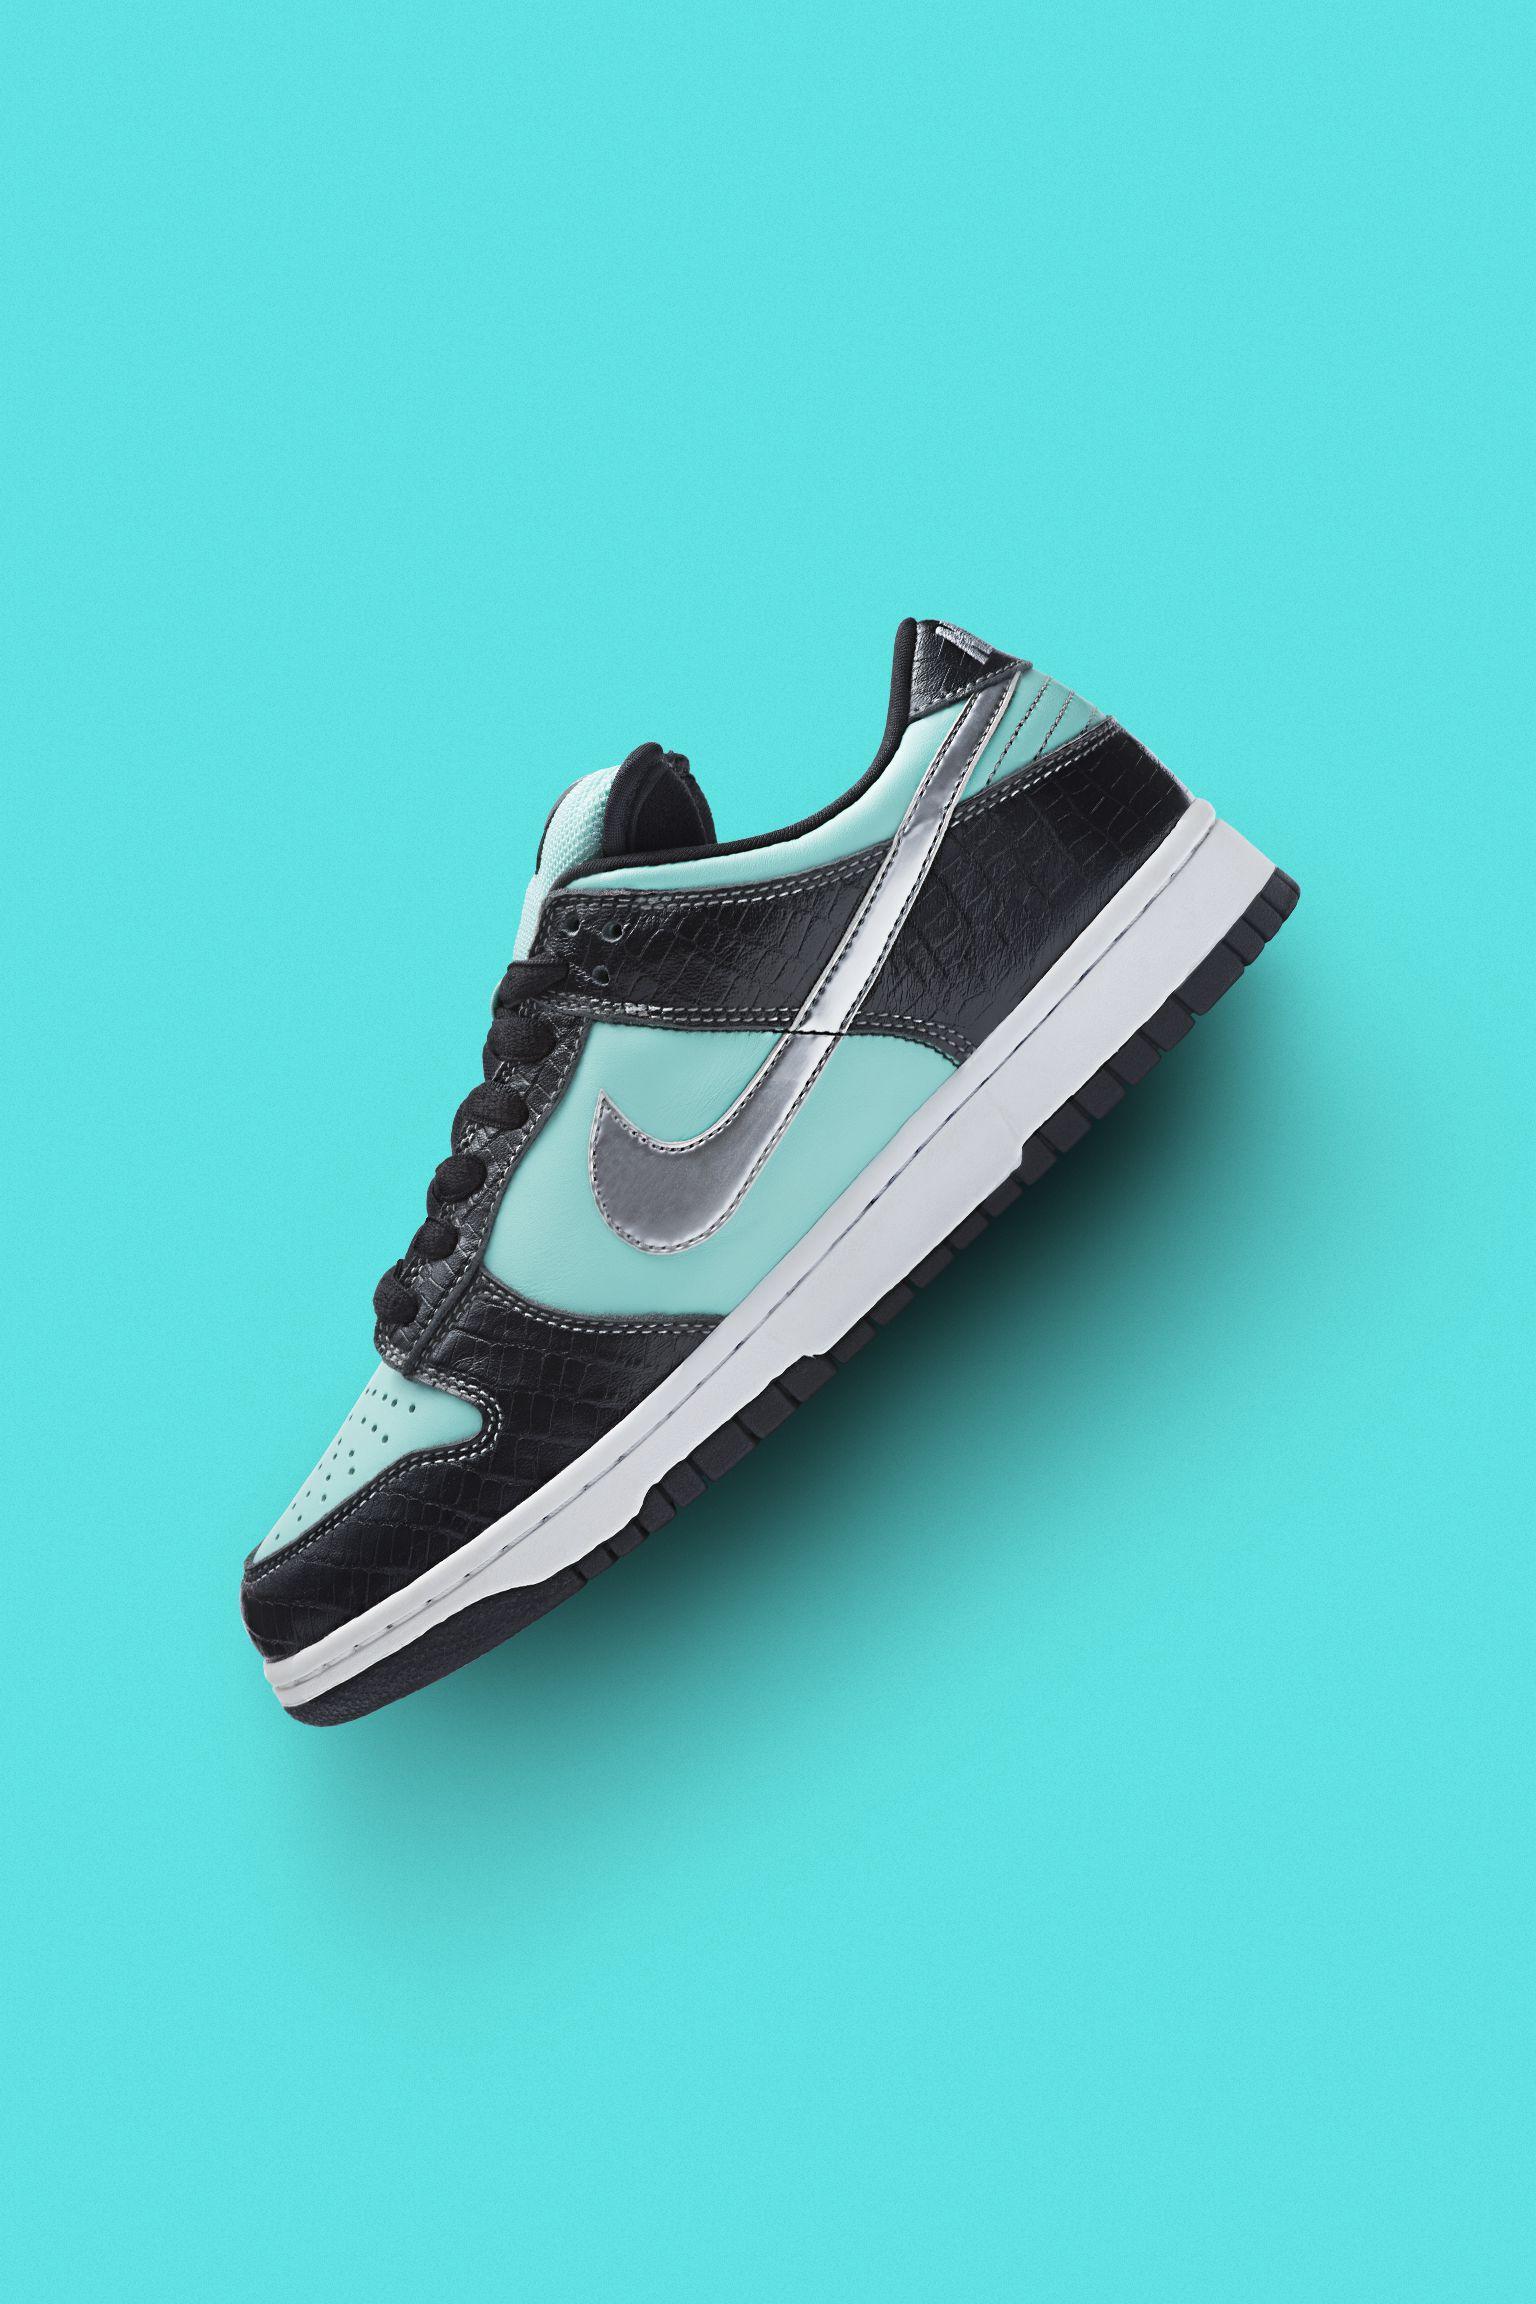 Nike 15 Years of SB Dunk